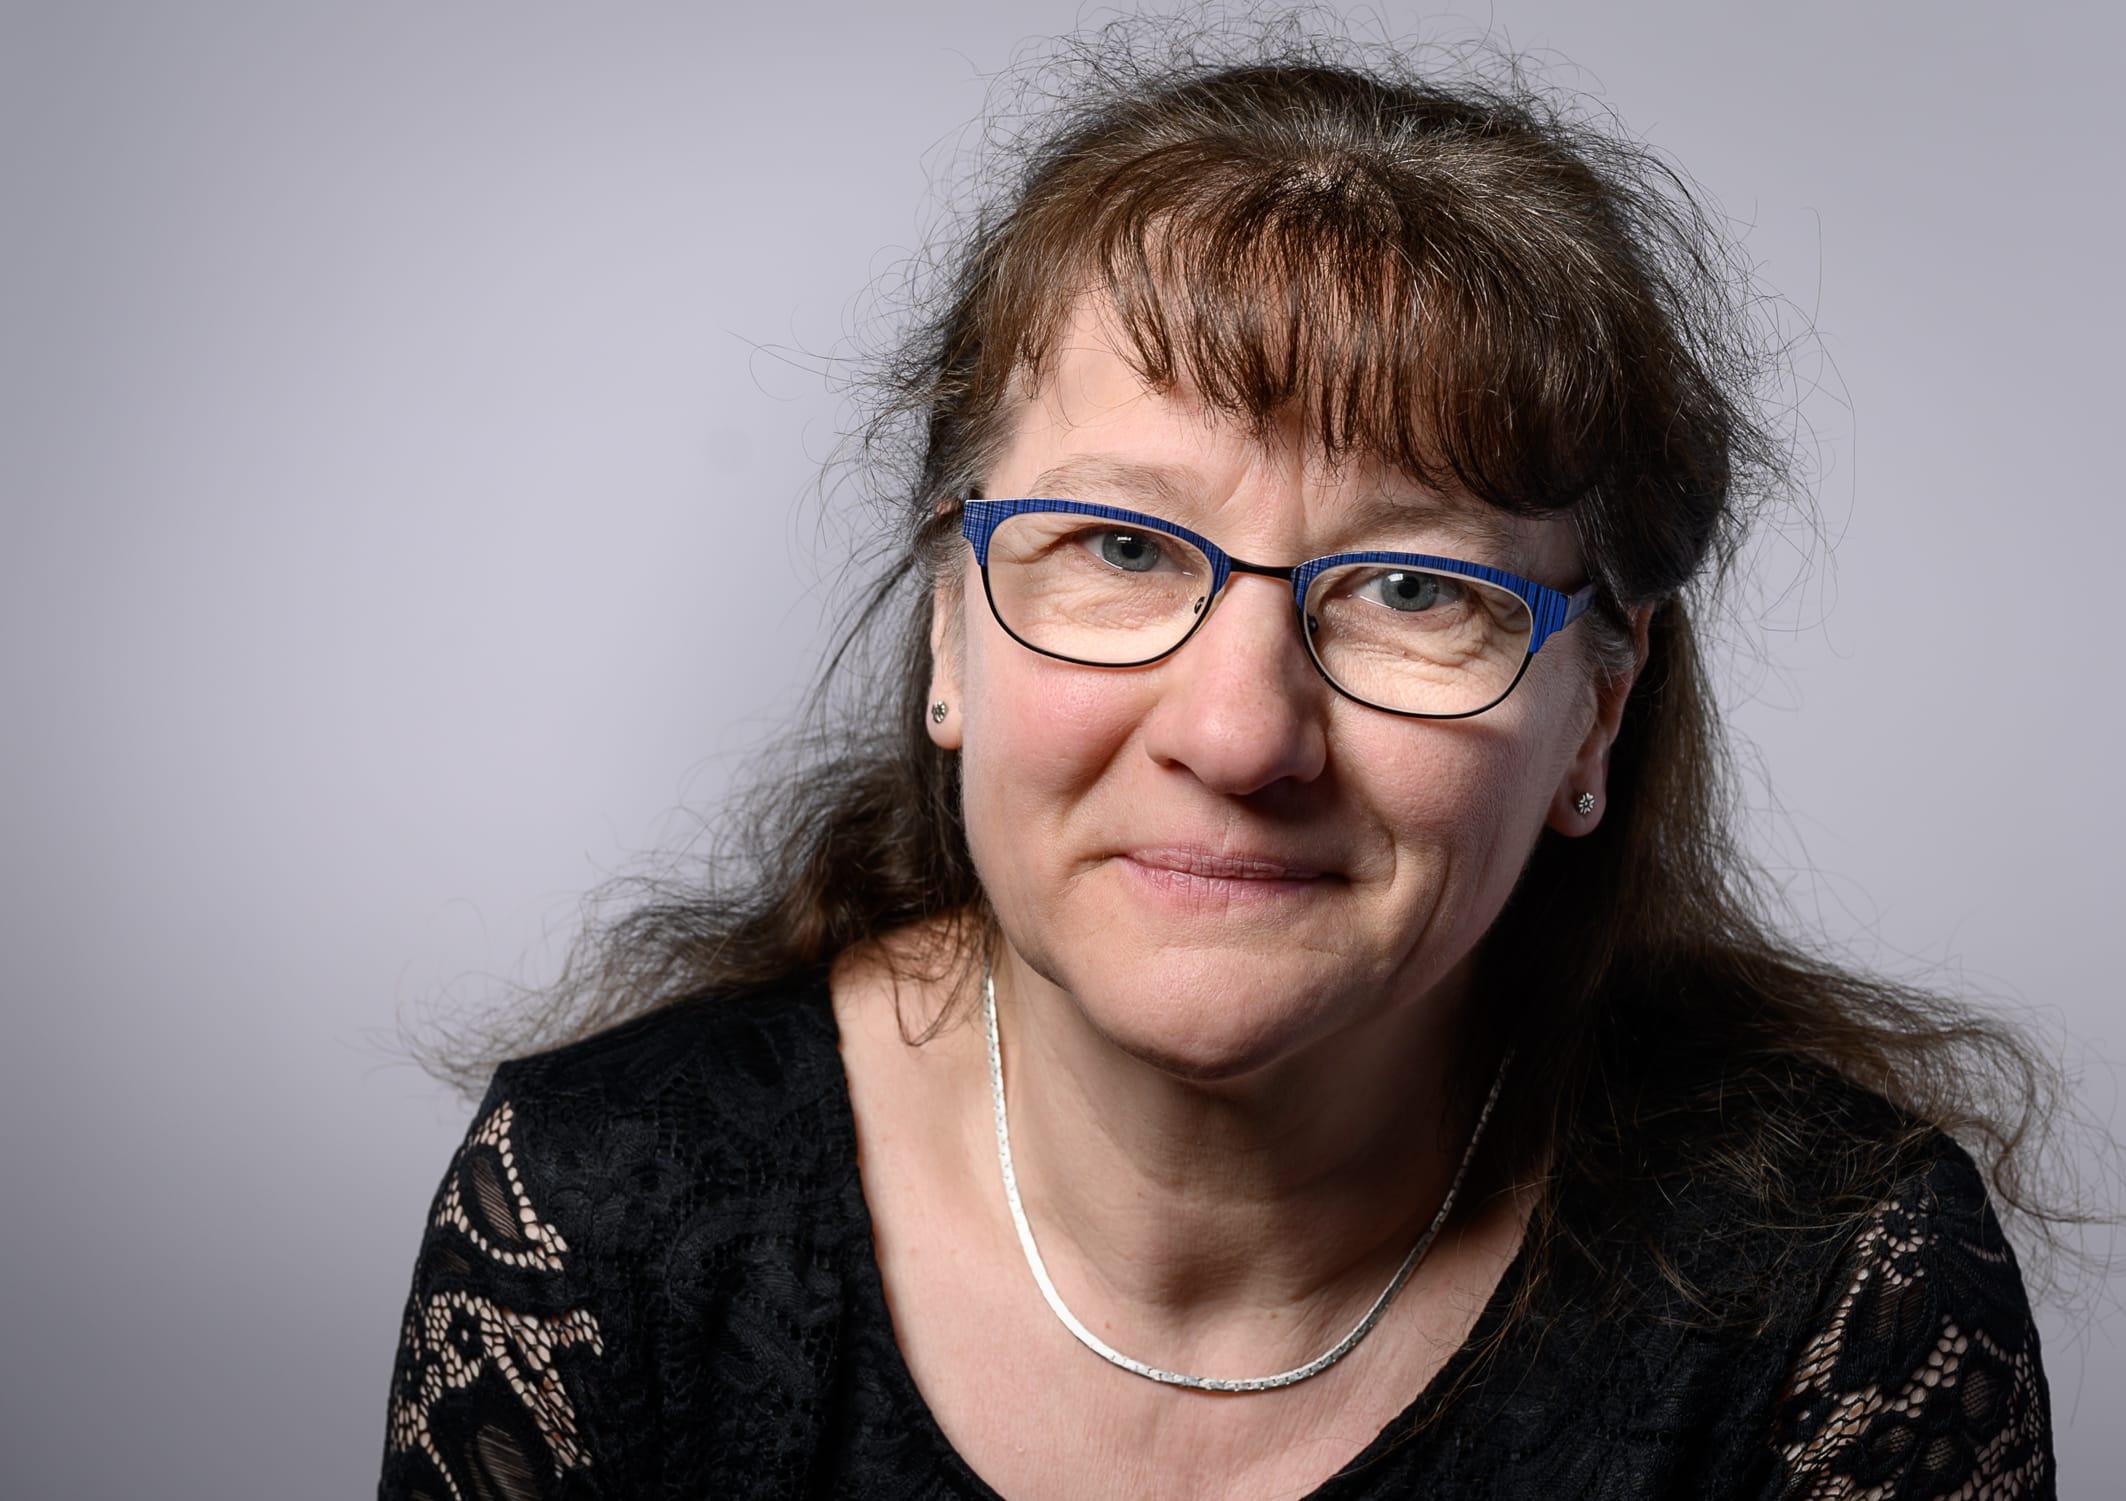 portrait Foto von Liane Föllmer